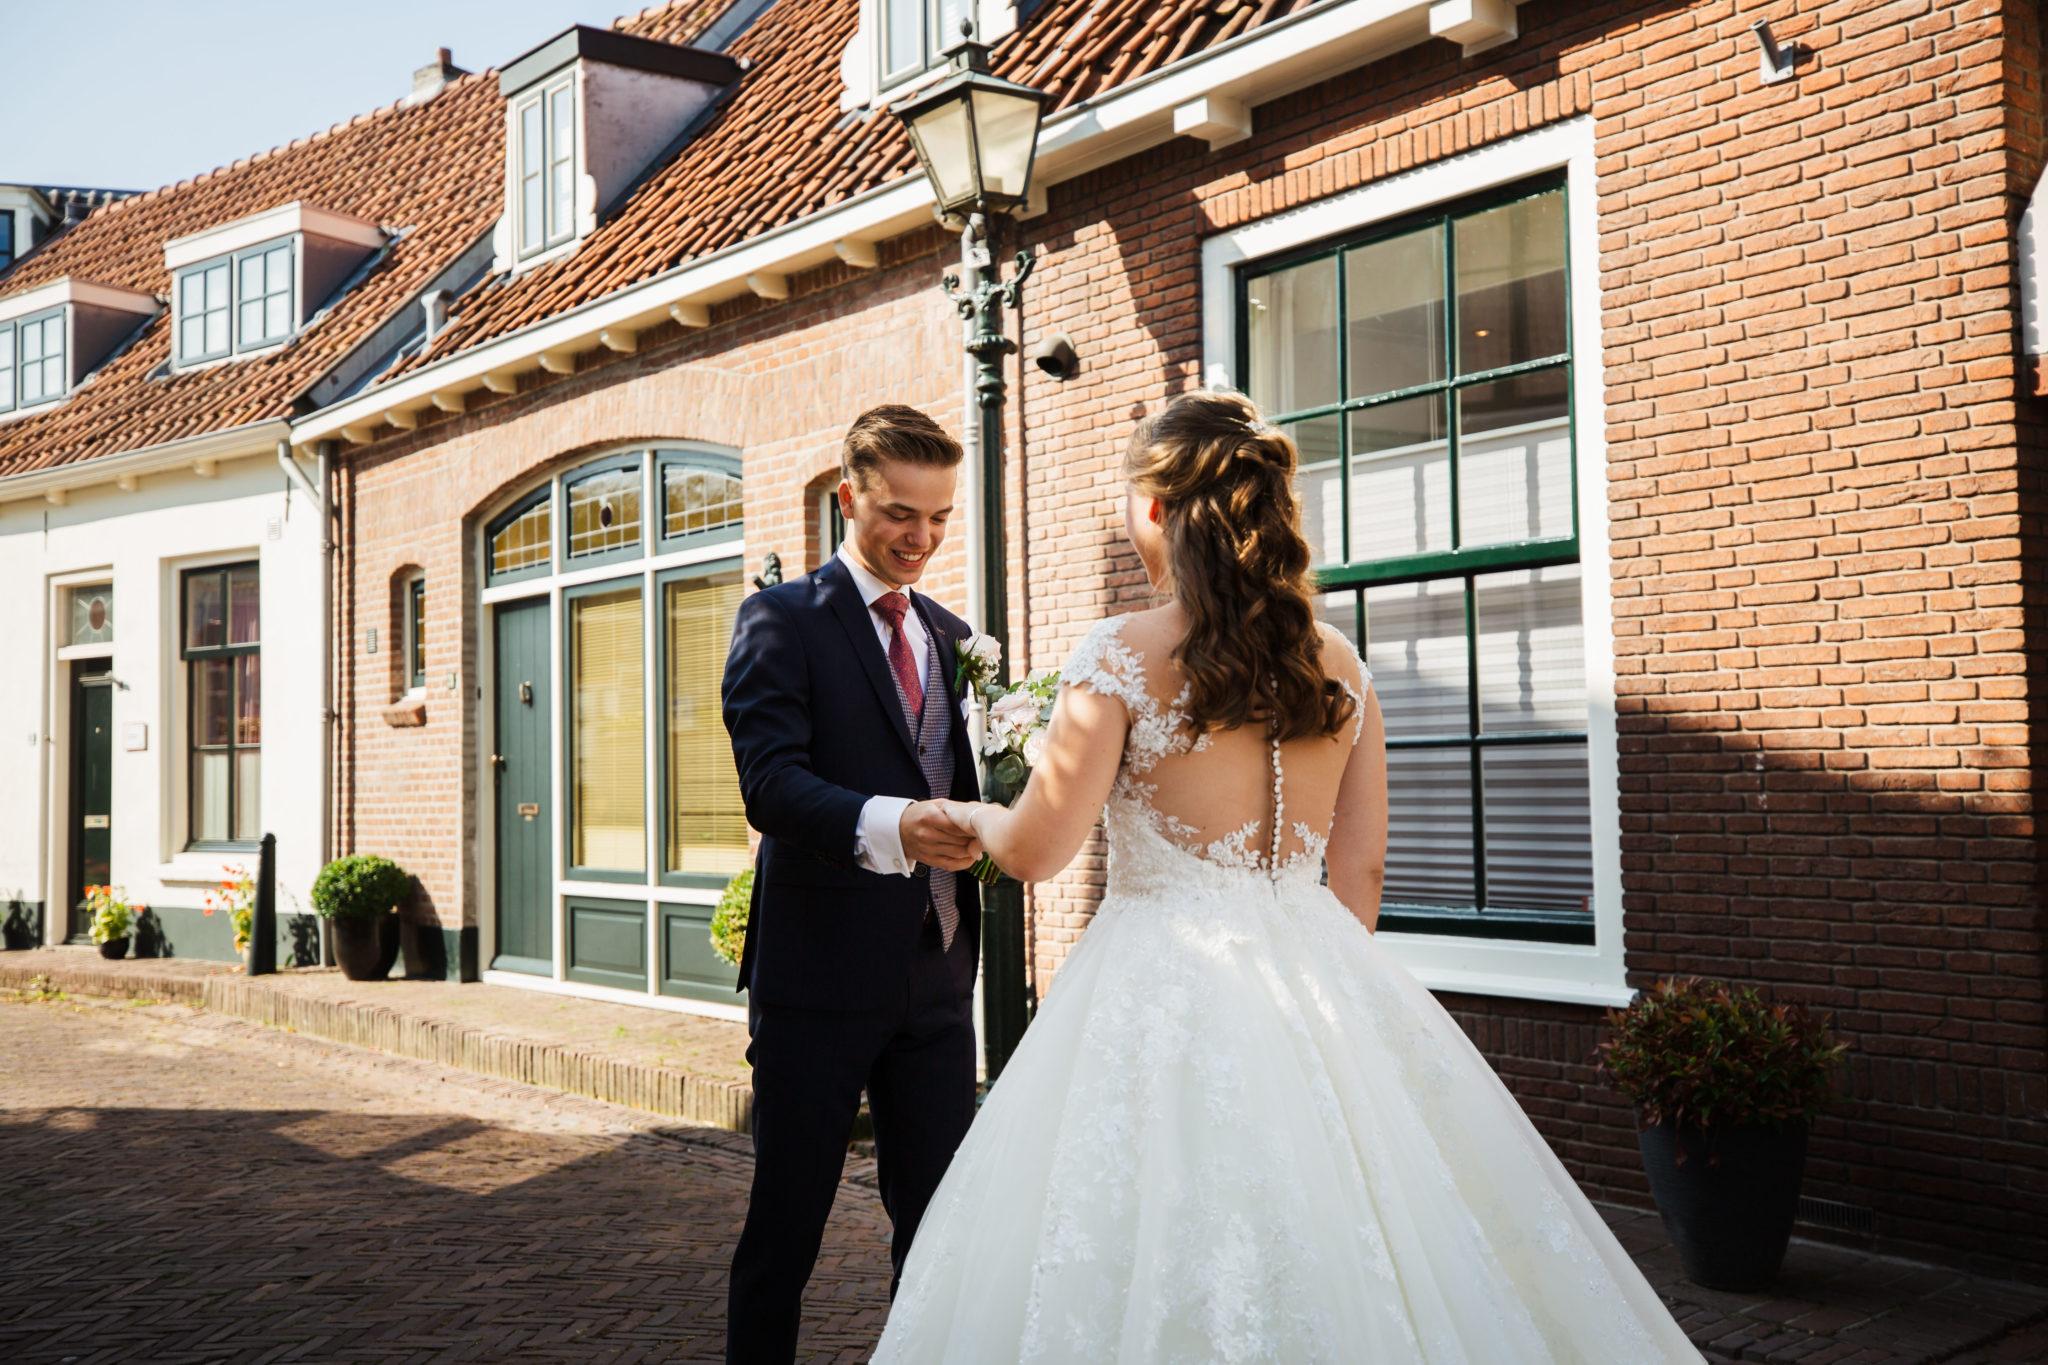 First Look trouwen wijk bij duurstede